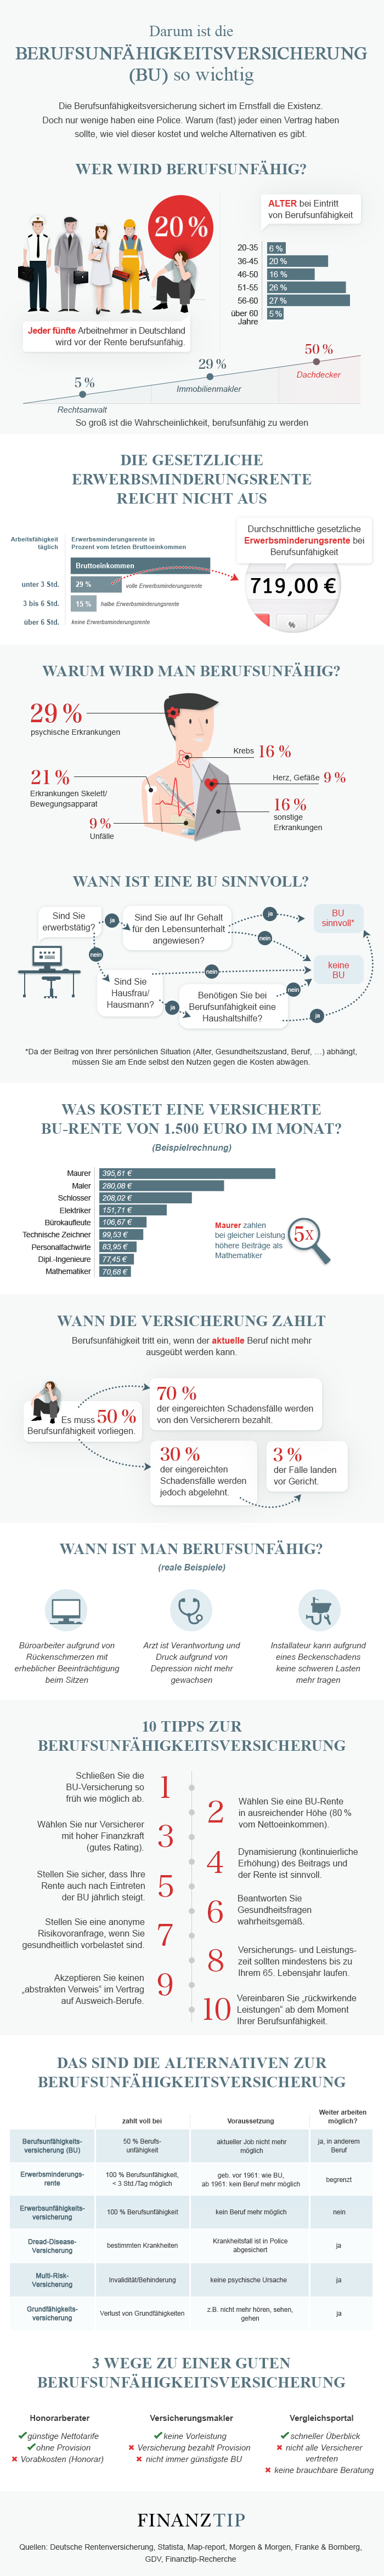 Infografik Berufsunfähigkeitsversicherung